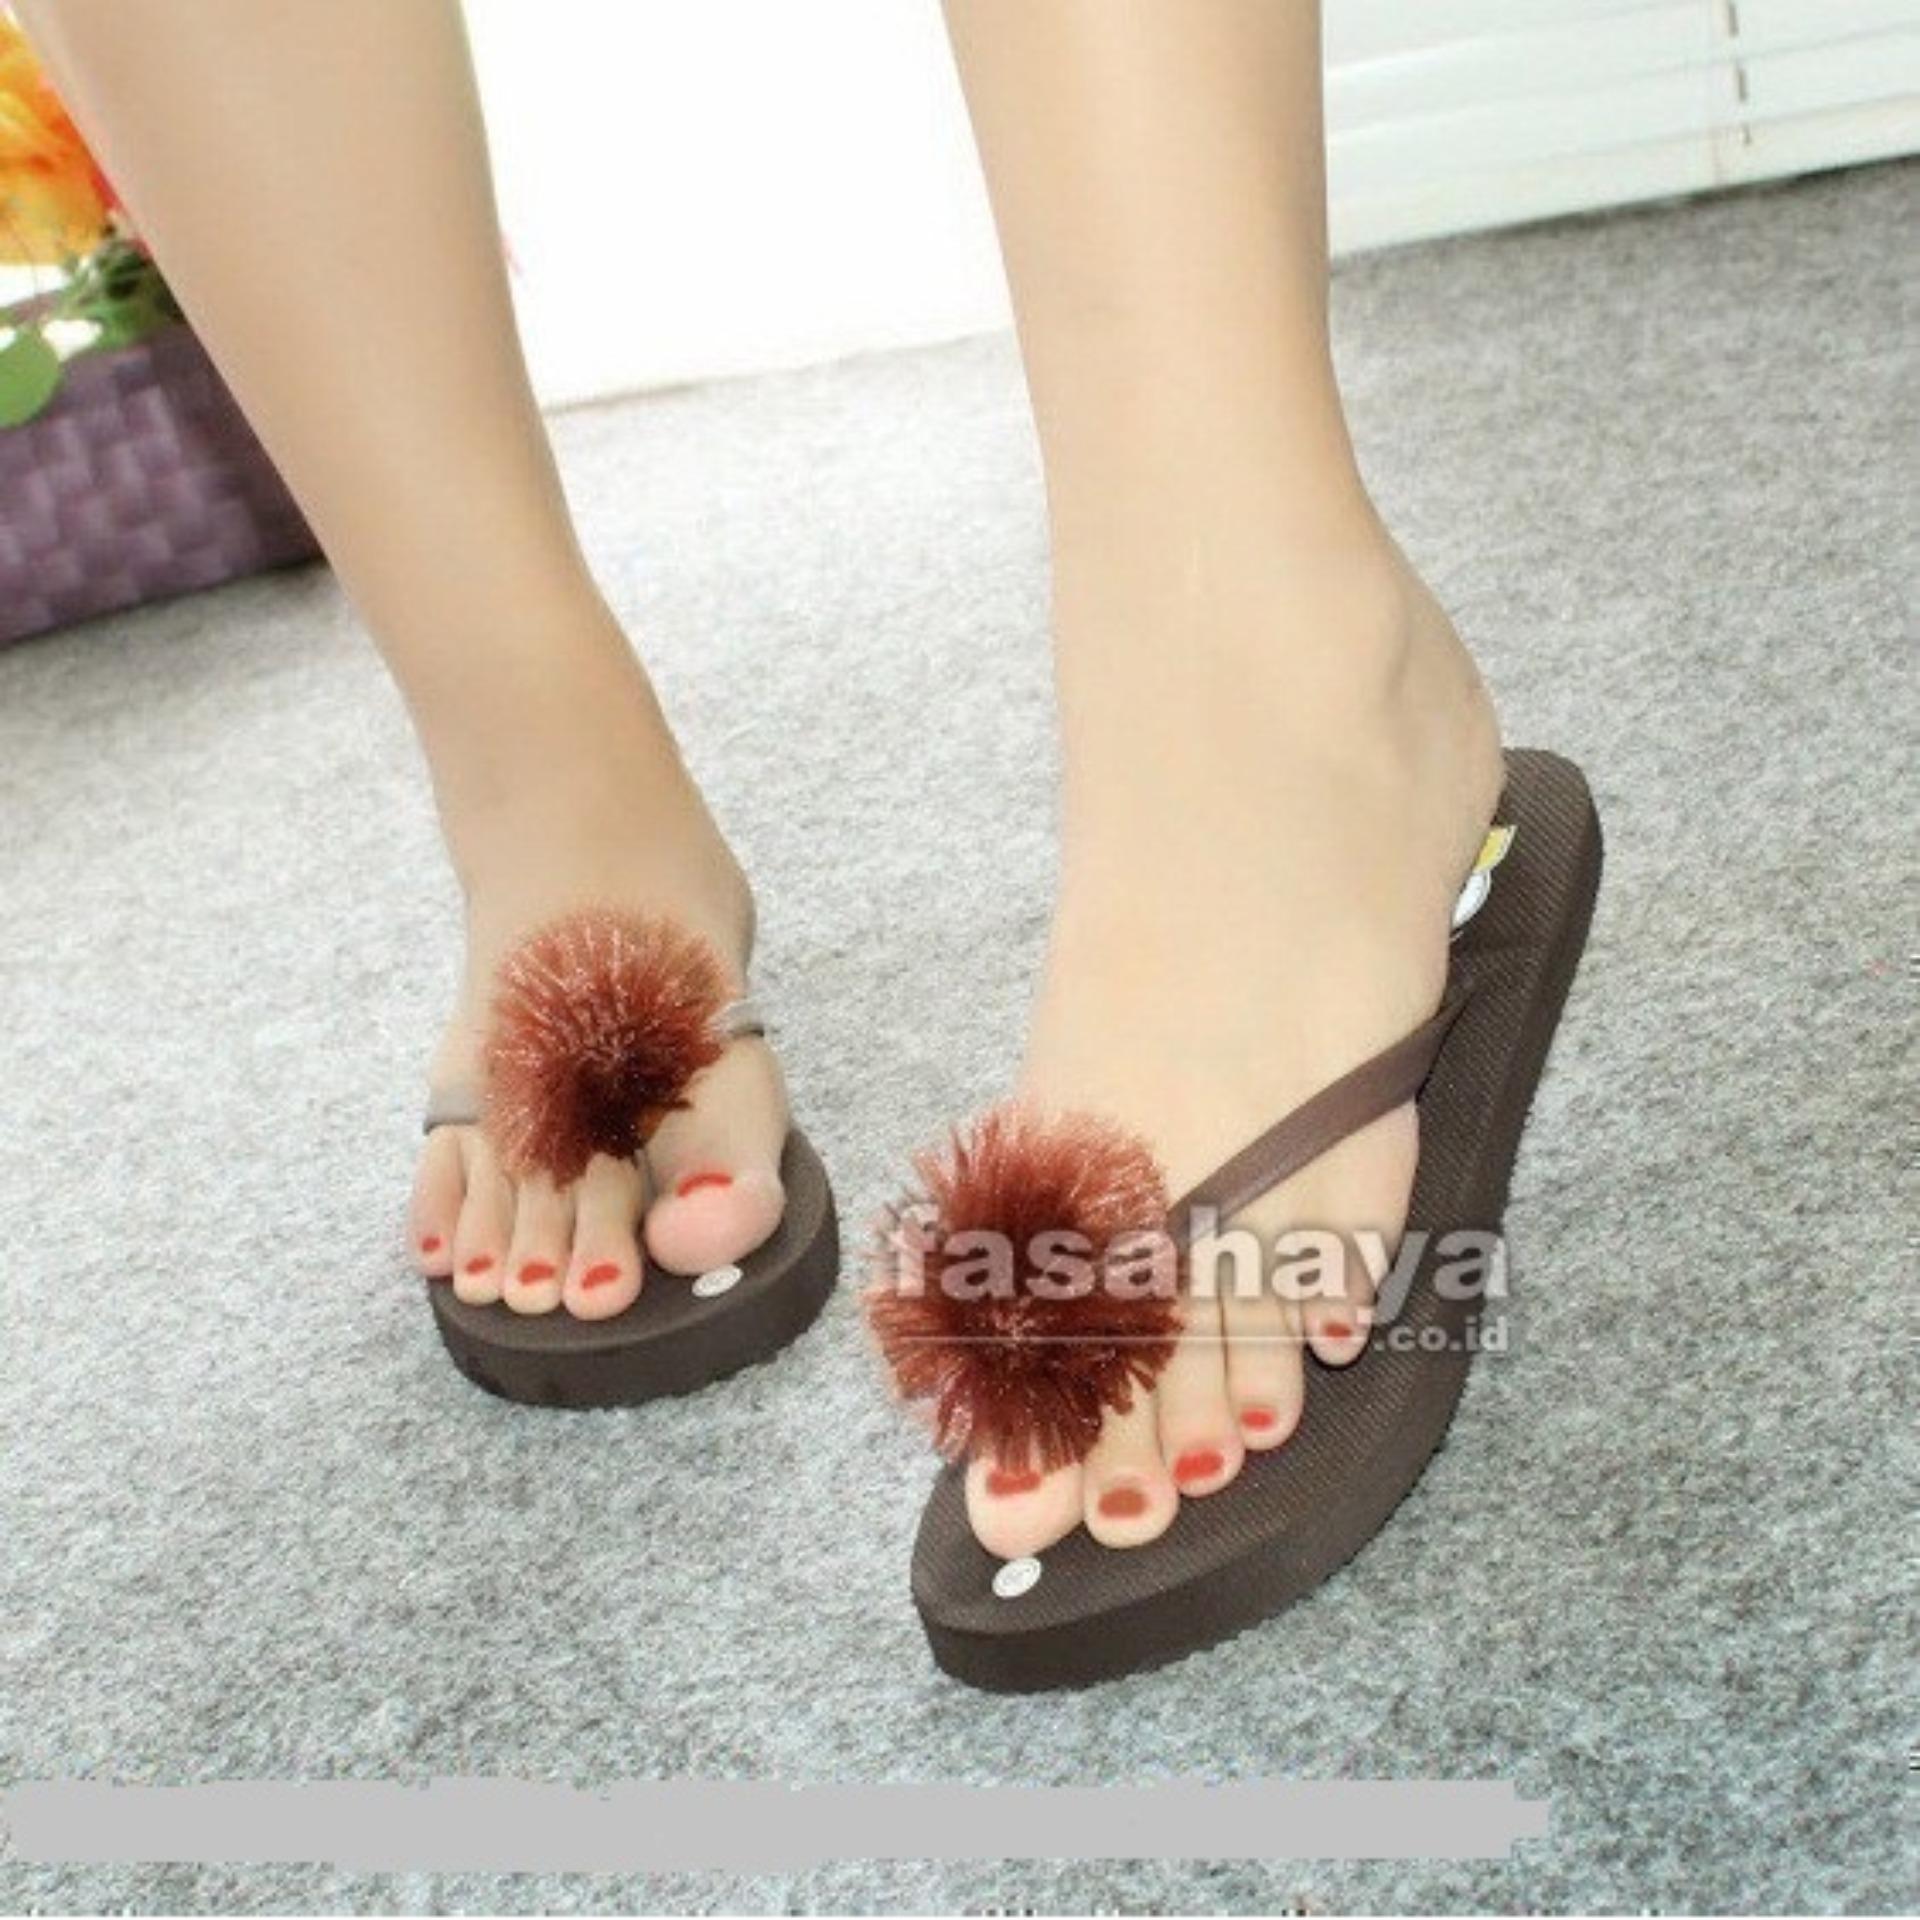 Fasahaya Sandal Pompom Sendal Pompom Wanita Jepit Spon Teplek Santai Cantik Terbaru Murah Meriah JPT02